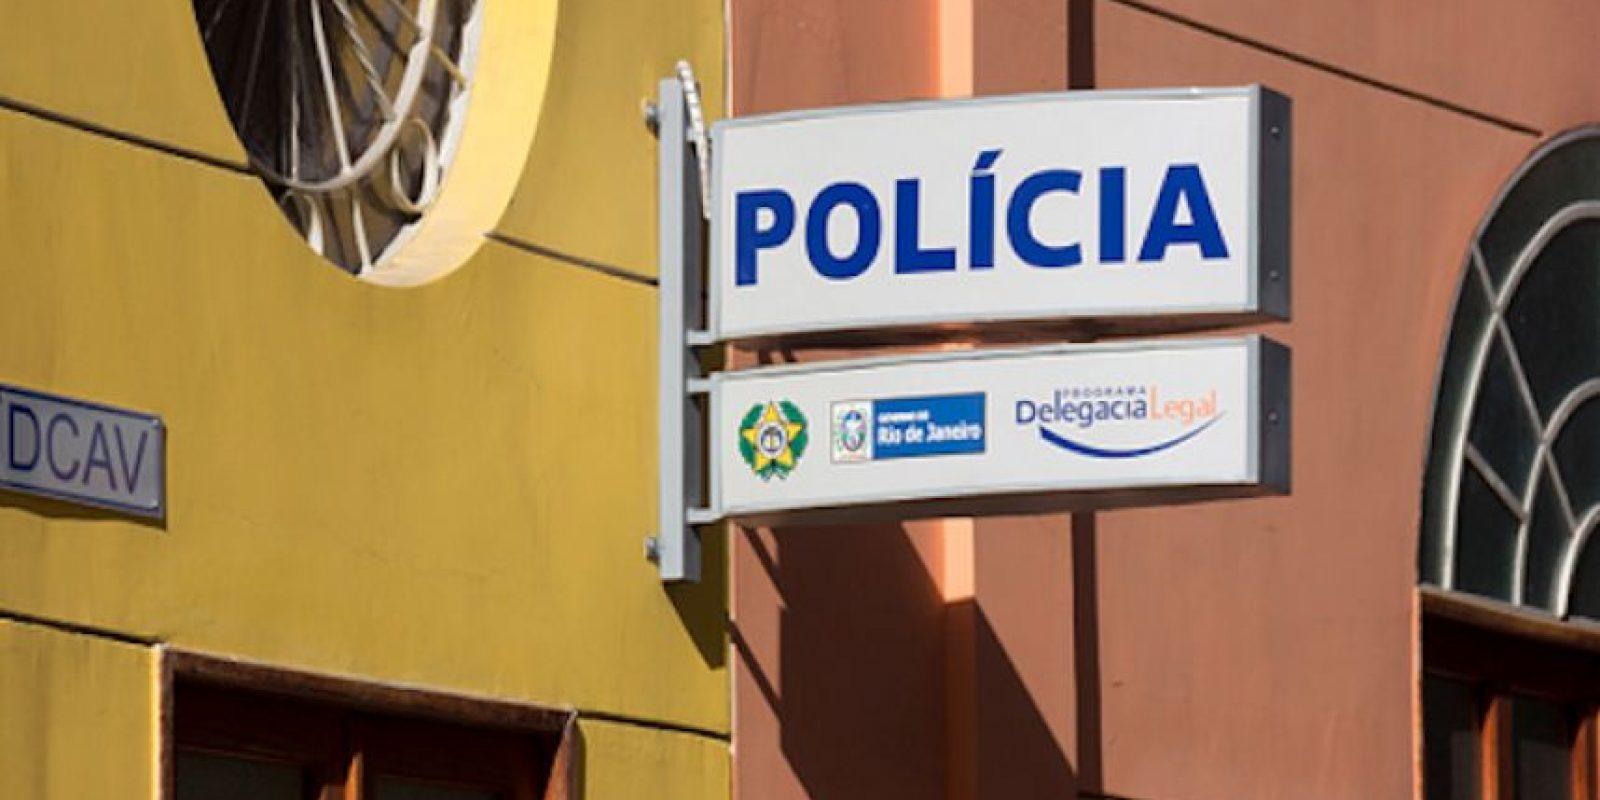 El material de trabajo fue recuperado por la policía local. Foto:Getty Images